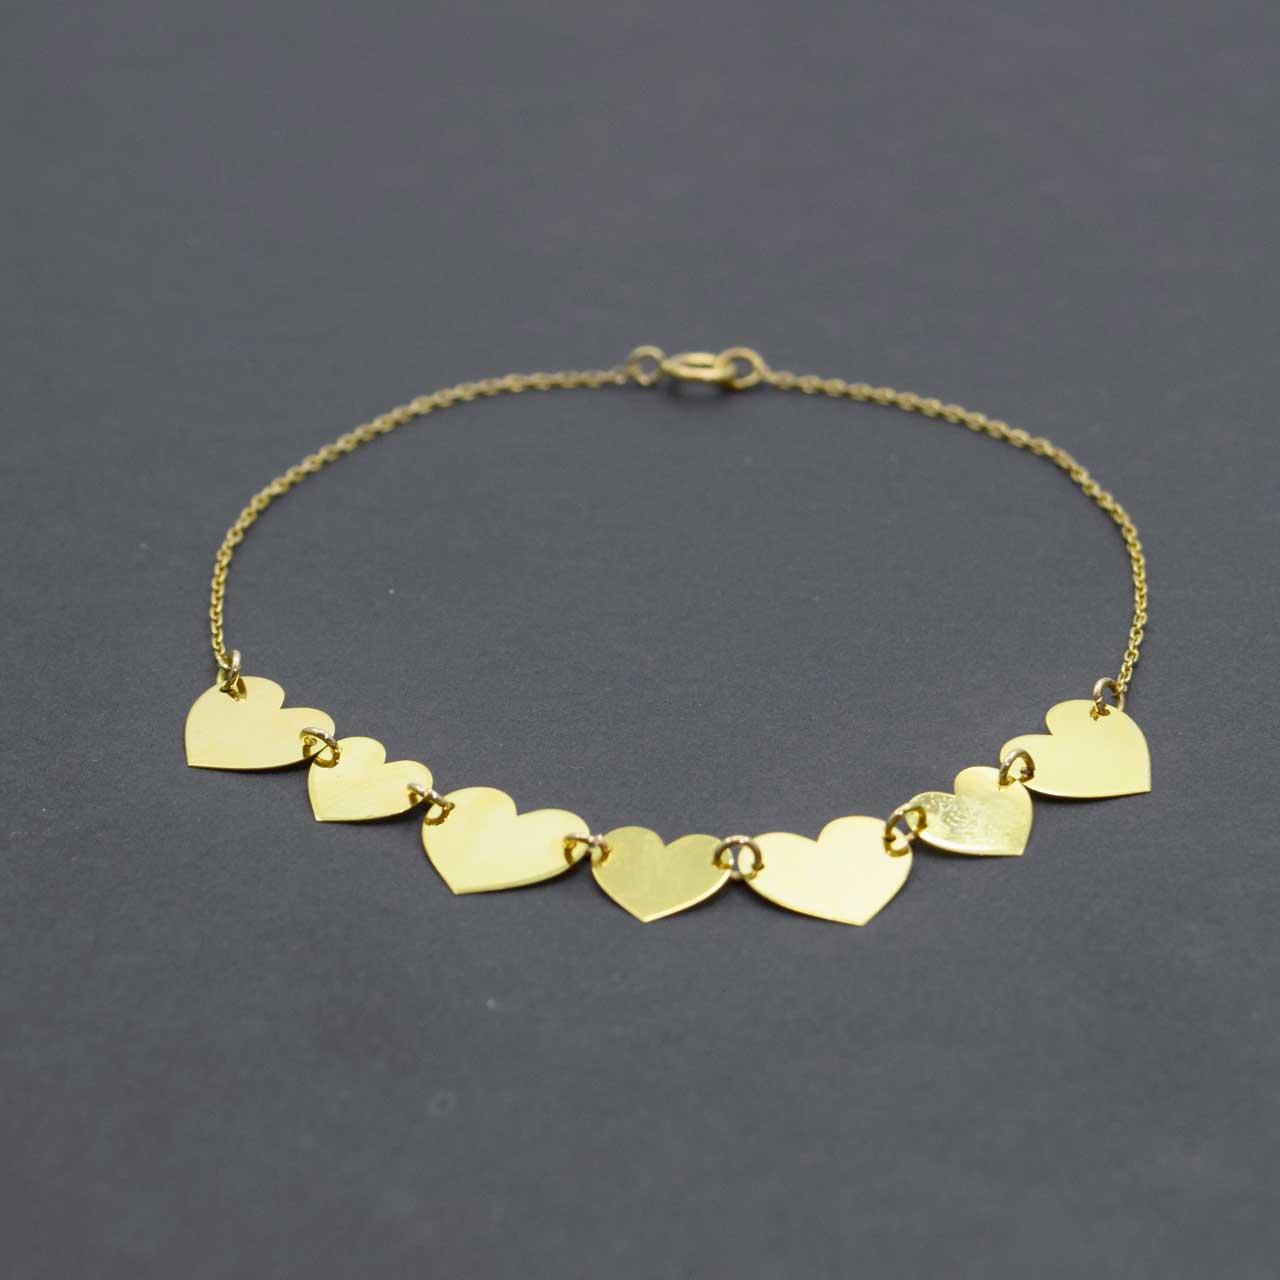 دستبند طلا 18 عیار زنانه کانیار گالری مدل B19